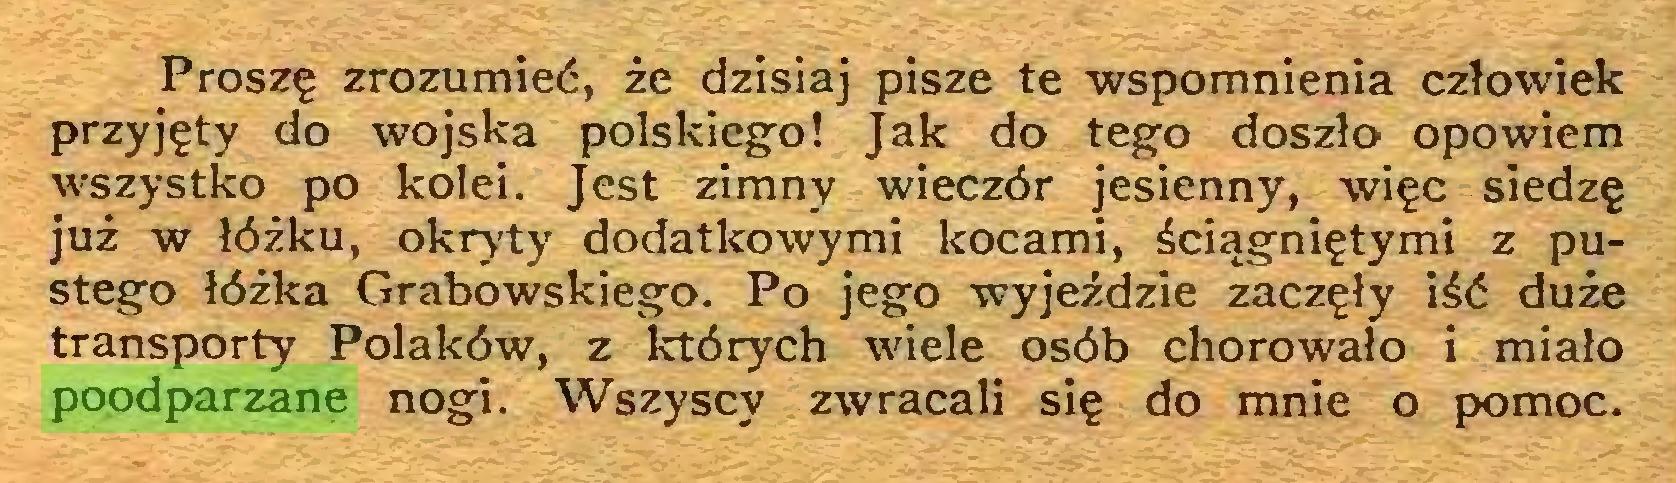 (...) Proszę zrozumieć, że dzisiaj pisze te wspomnienia człowiek przyjęty do wojska polskiego! Jak do tego doszło opowiem wszystko po kolei. Jest zimny wieczór jesienny, więc siedzę już w łóżku, okryty dodatkowymi kocami, ściągniętymi z pustego łóżka Grabowskiego. Po jego wyjeździe zaczęły iść duże transporty Polaków, z których wiele osób chorowało i miało poodparzane nogi. Wszyscy zwracali się do mnie o pomoc...